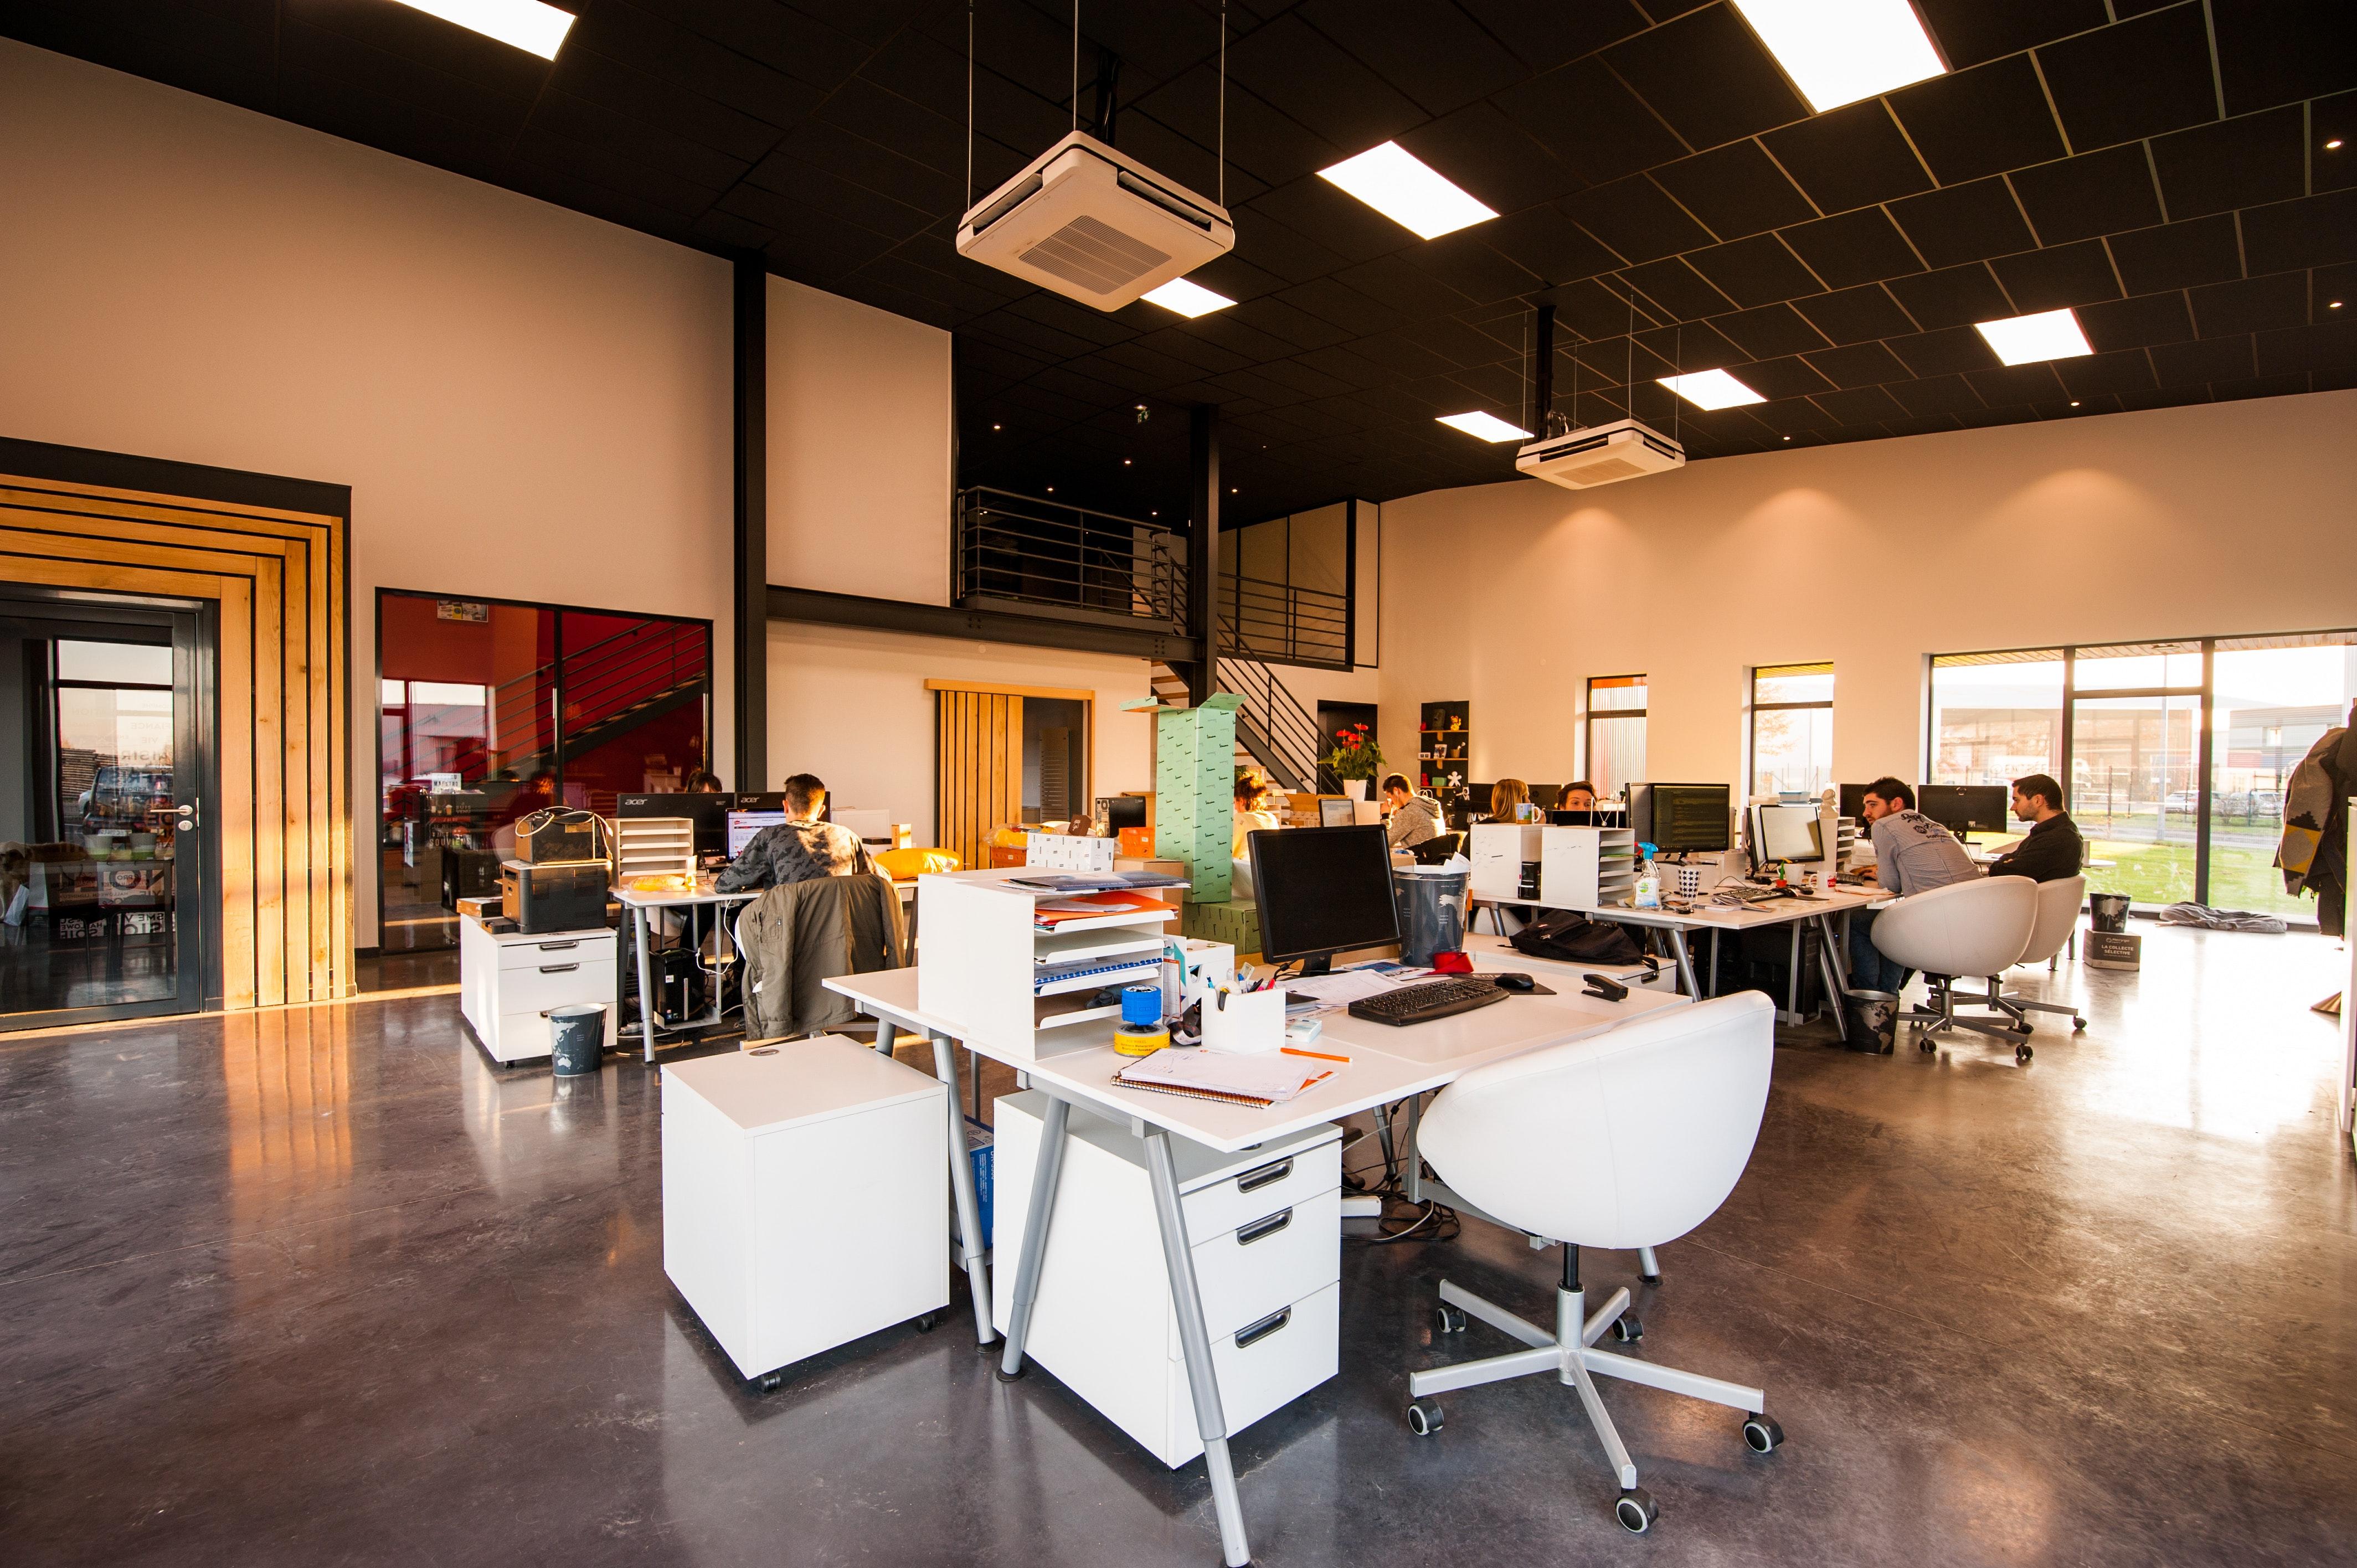 Location de bureaux pour sa petite entreprise : les avantages